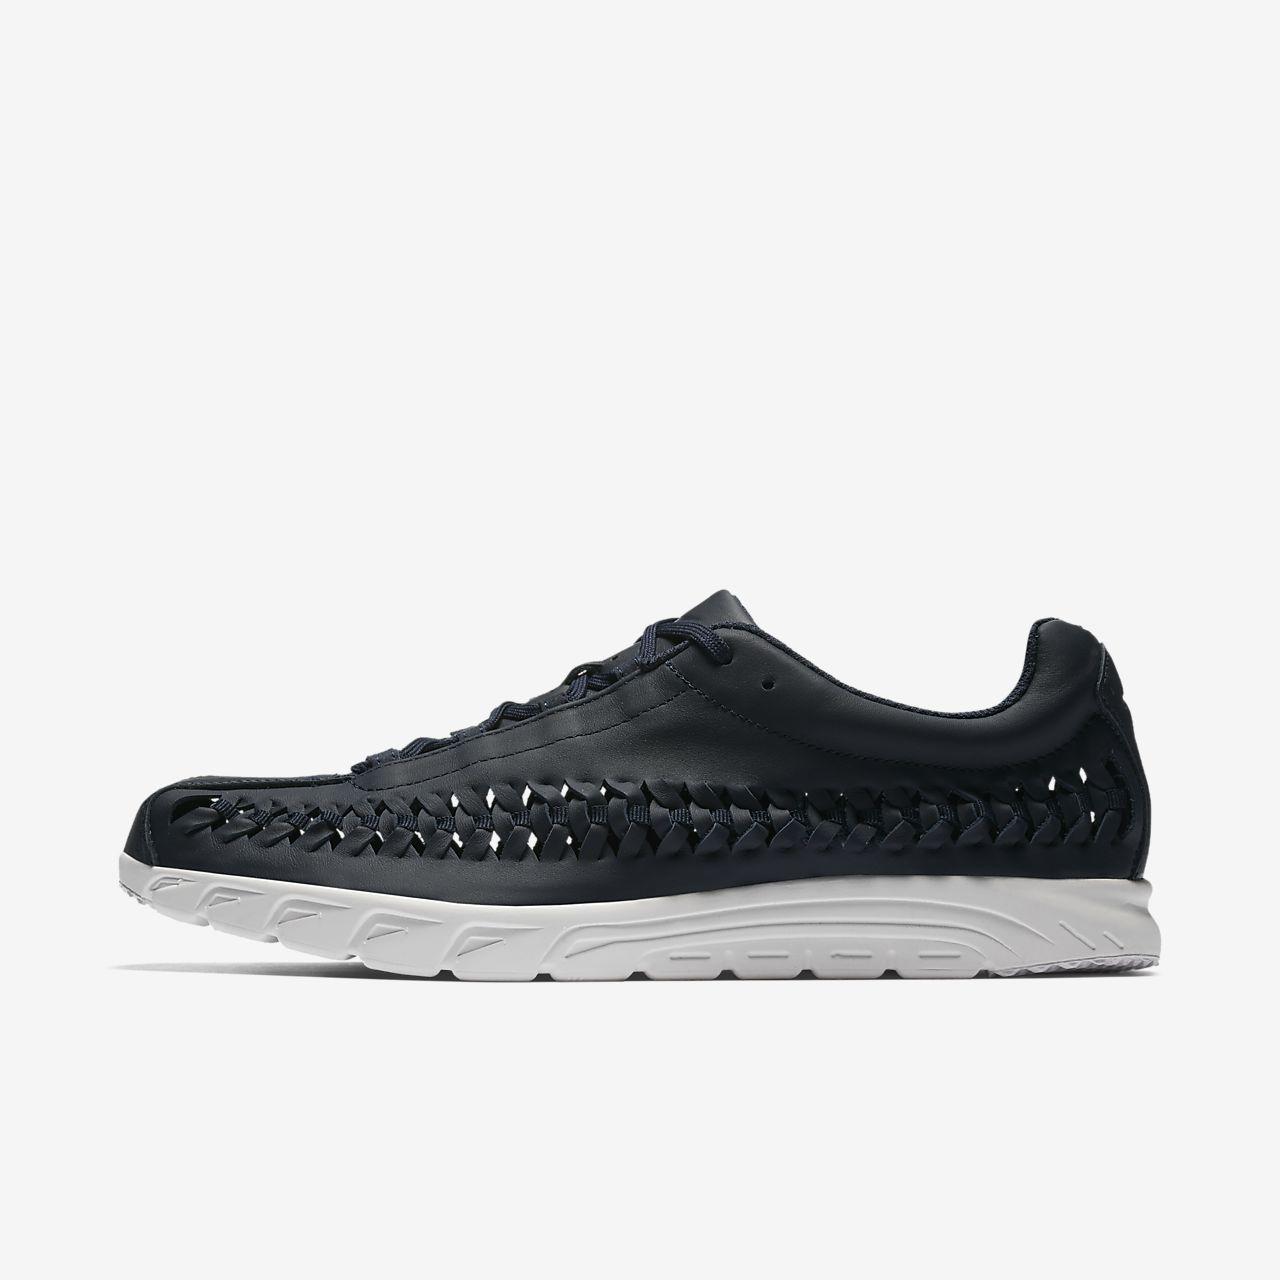 Ανδρικό παπούτσι Nike Mayfly Woven